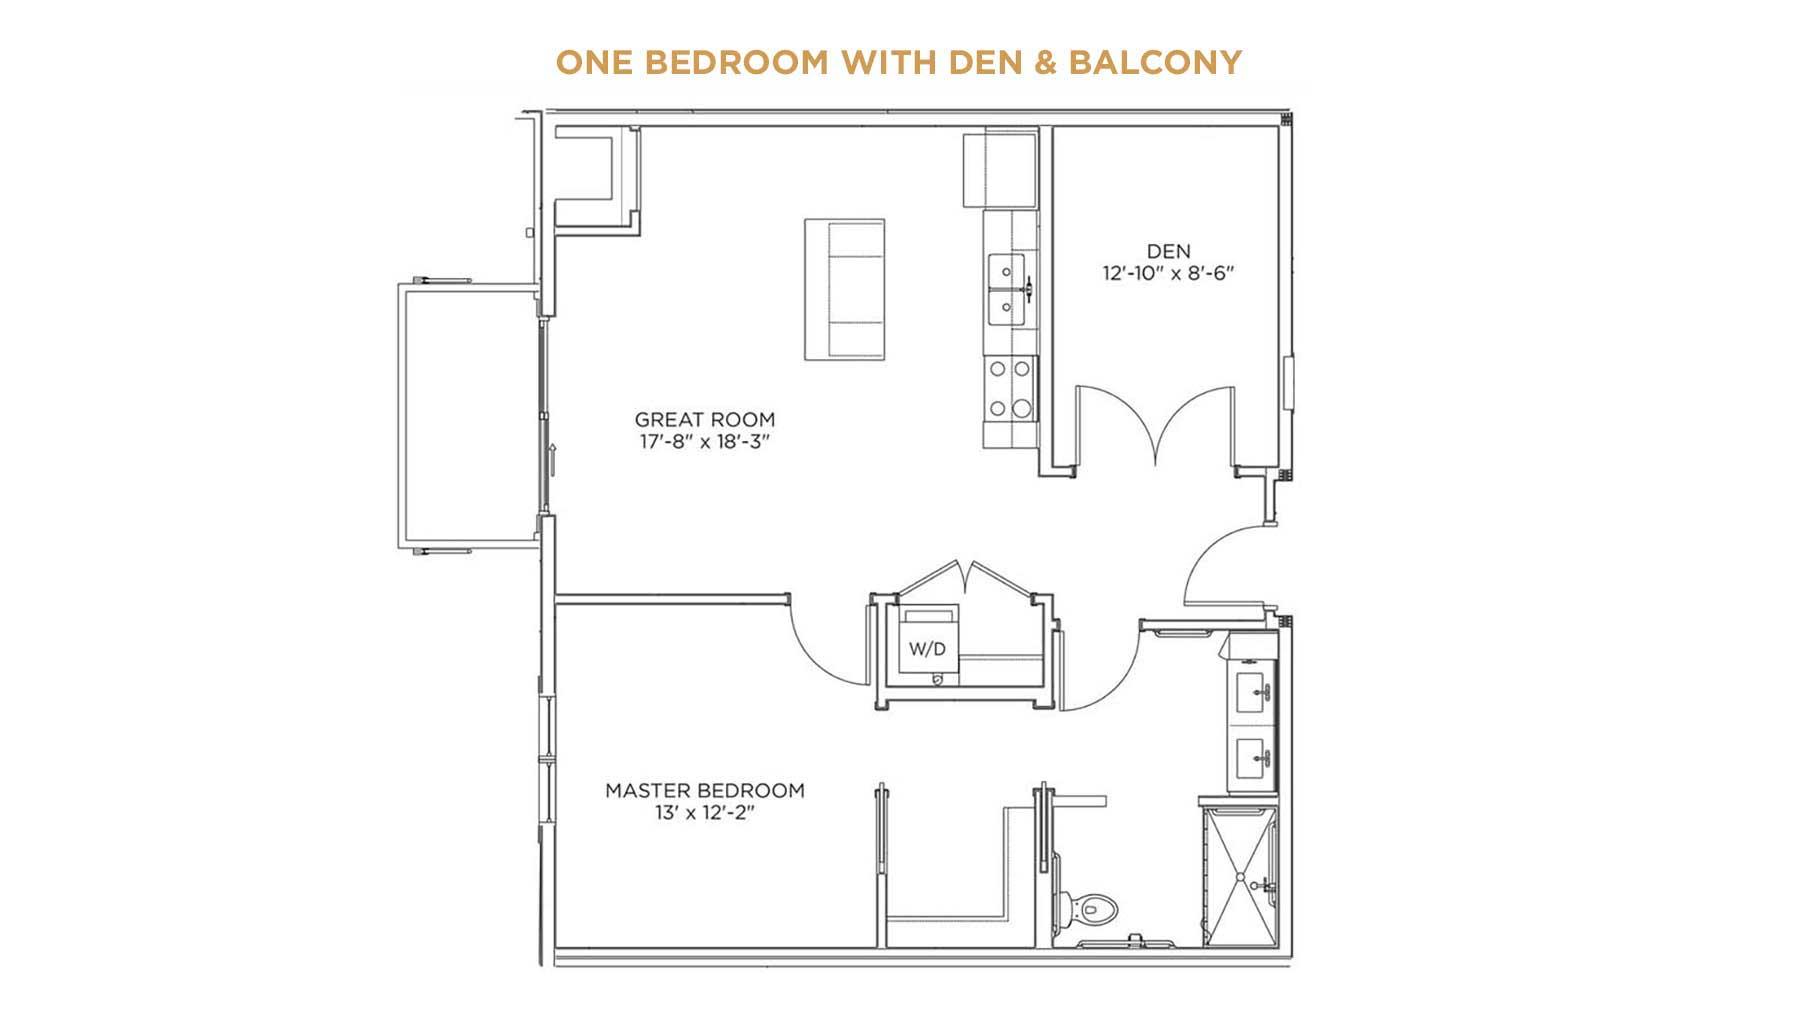 one bedroom floorplan with den